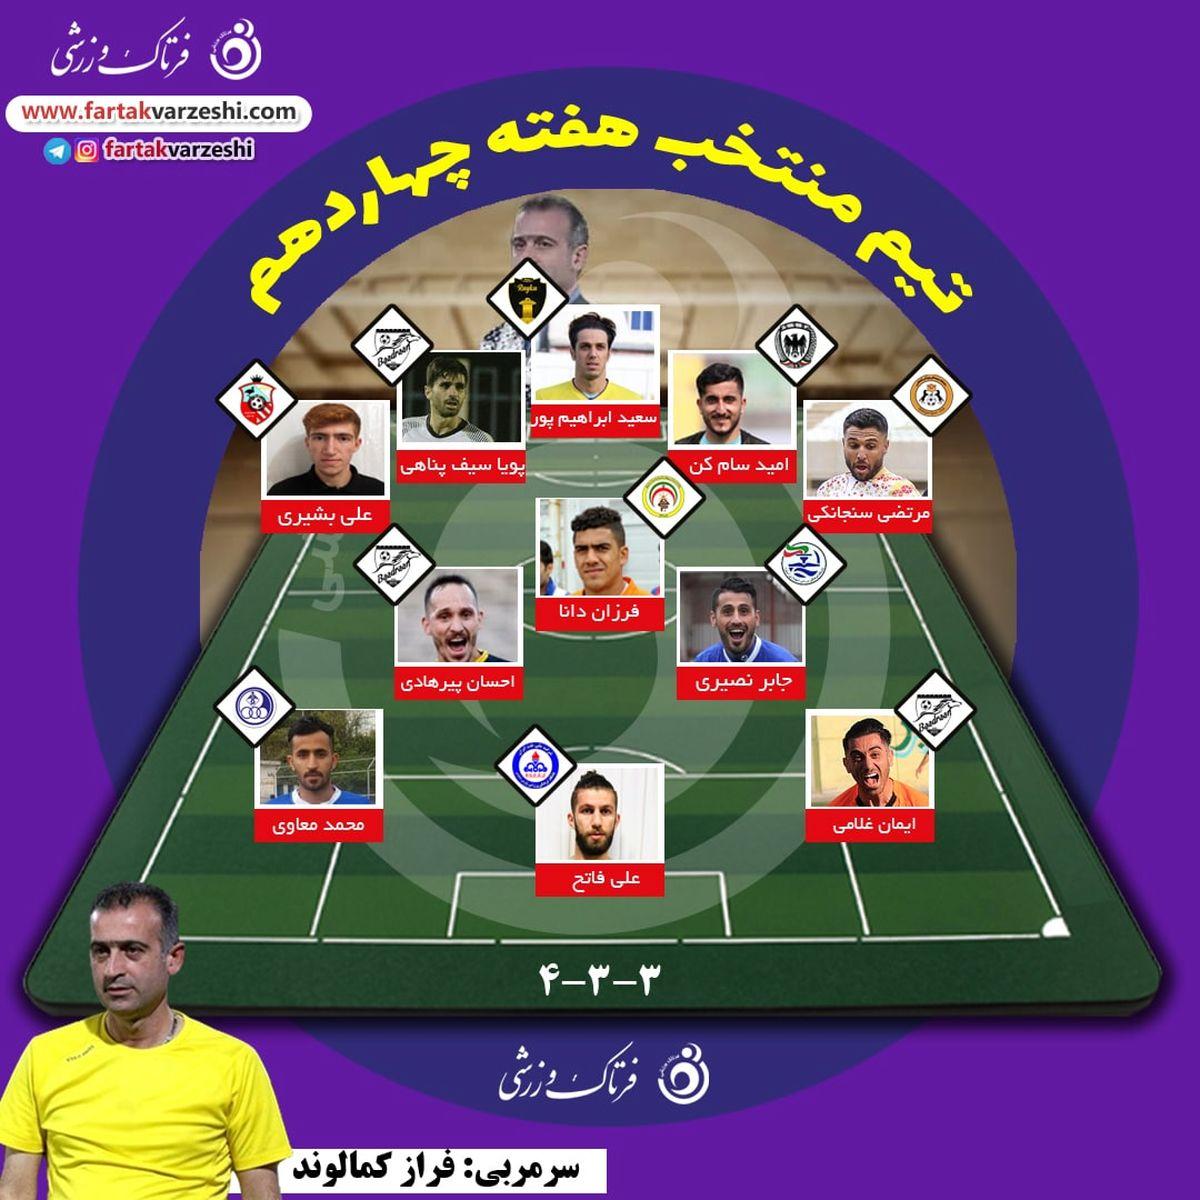 معرفی تیم منتخب هفته چهاردهم لیگ دسته یک